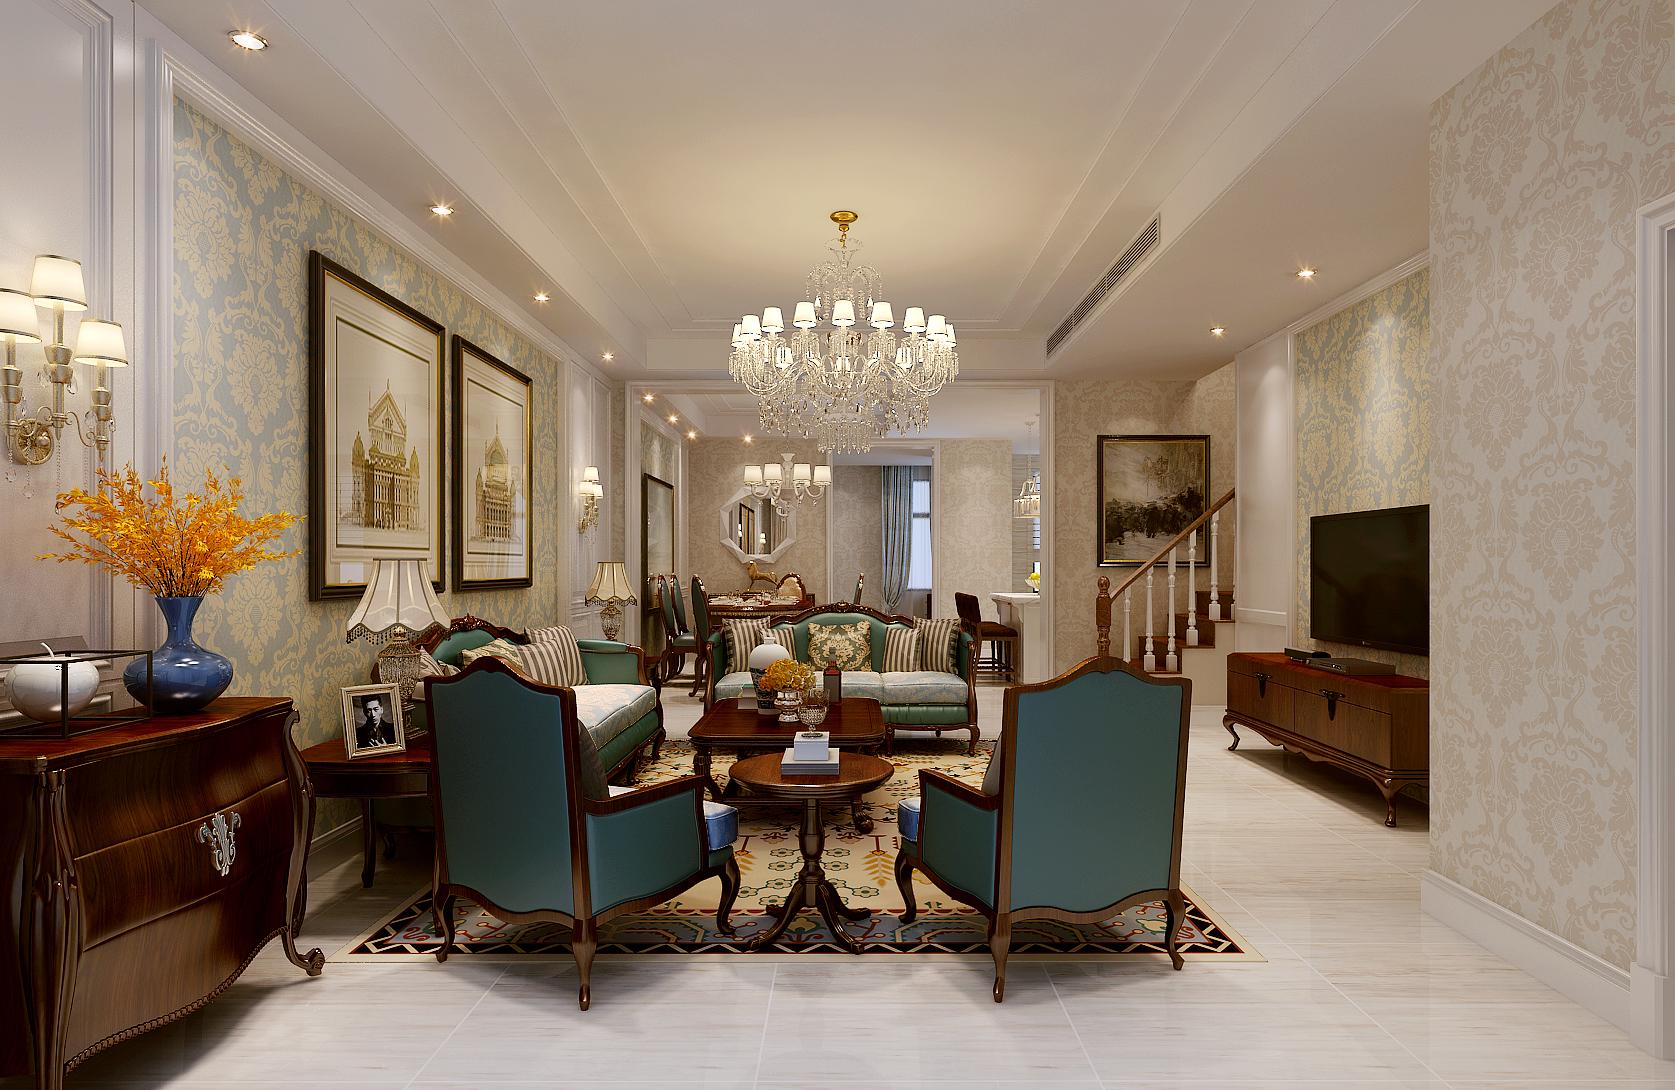 客厅图片来自北京业之峰装饰王宏哲在美式慢生活的分享